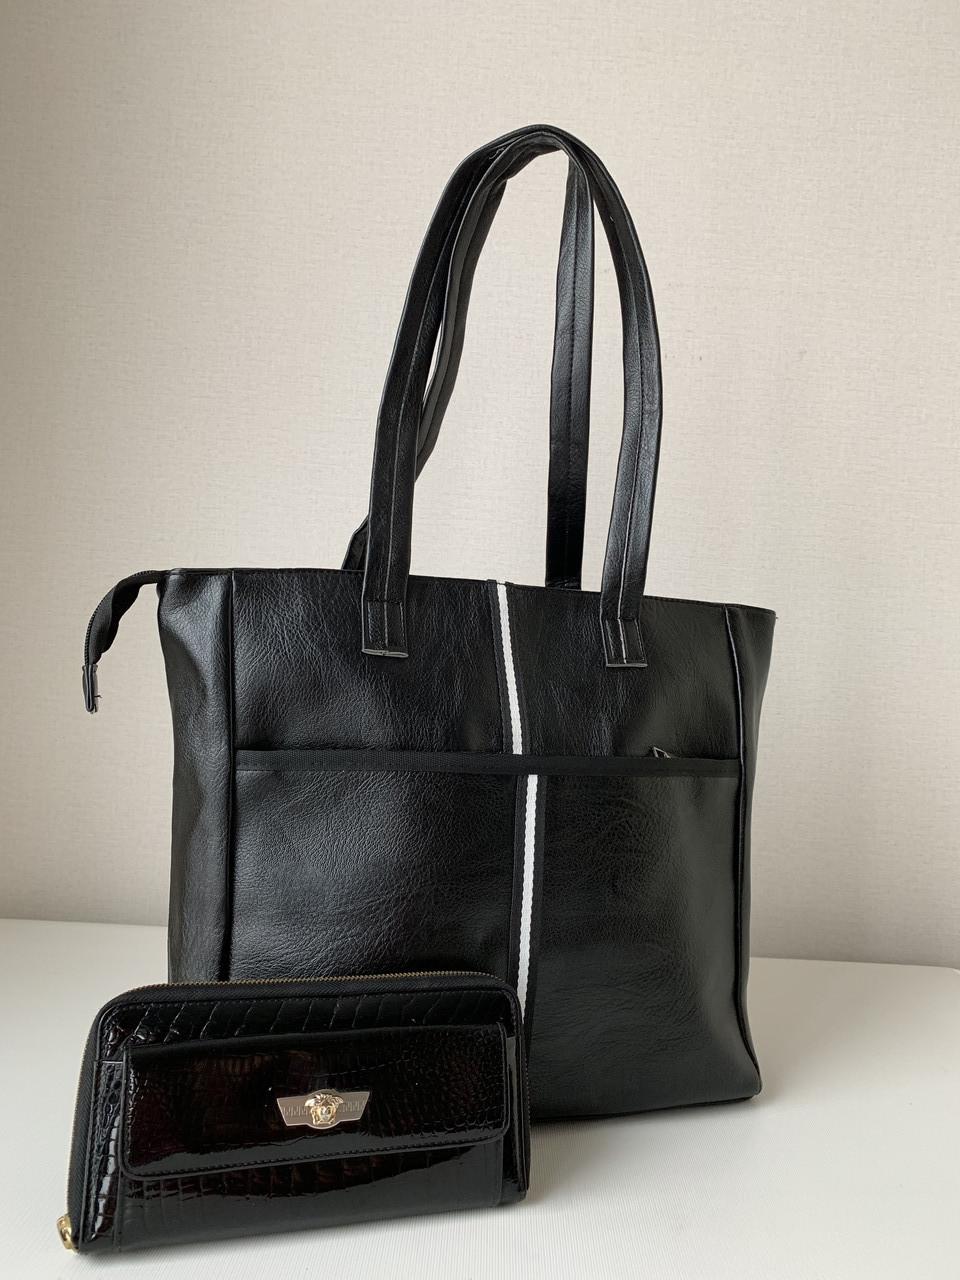 Повседневная женская черная сумка шоппер на плечо